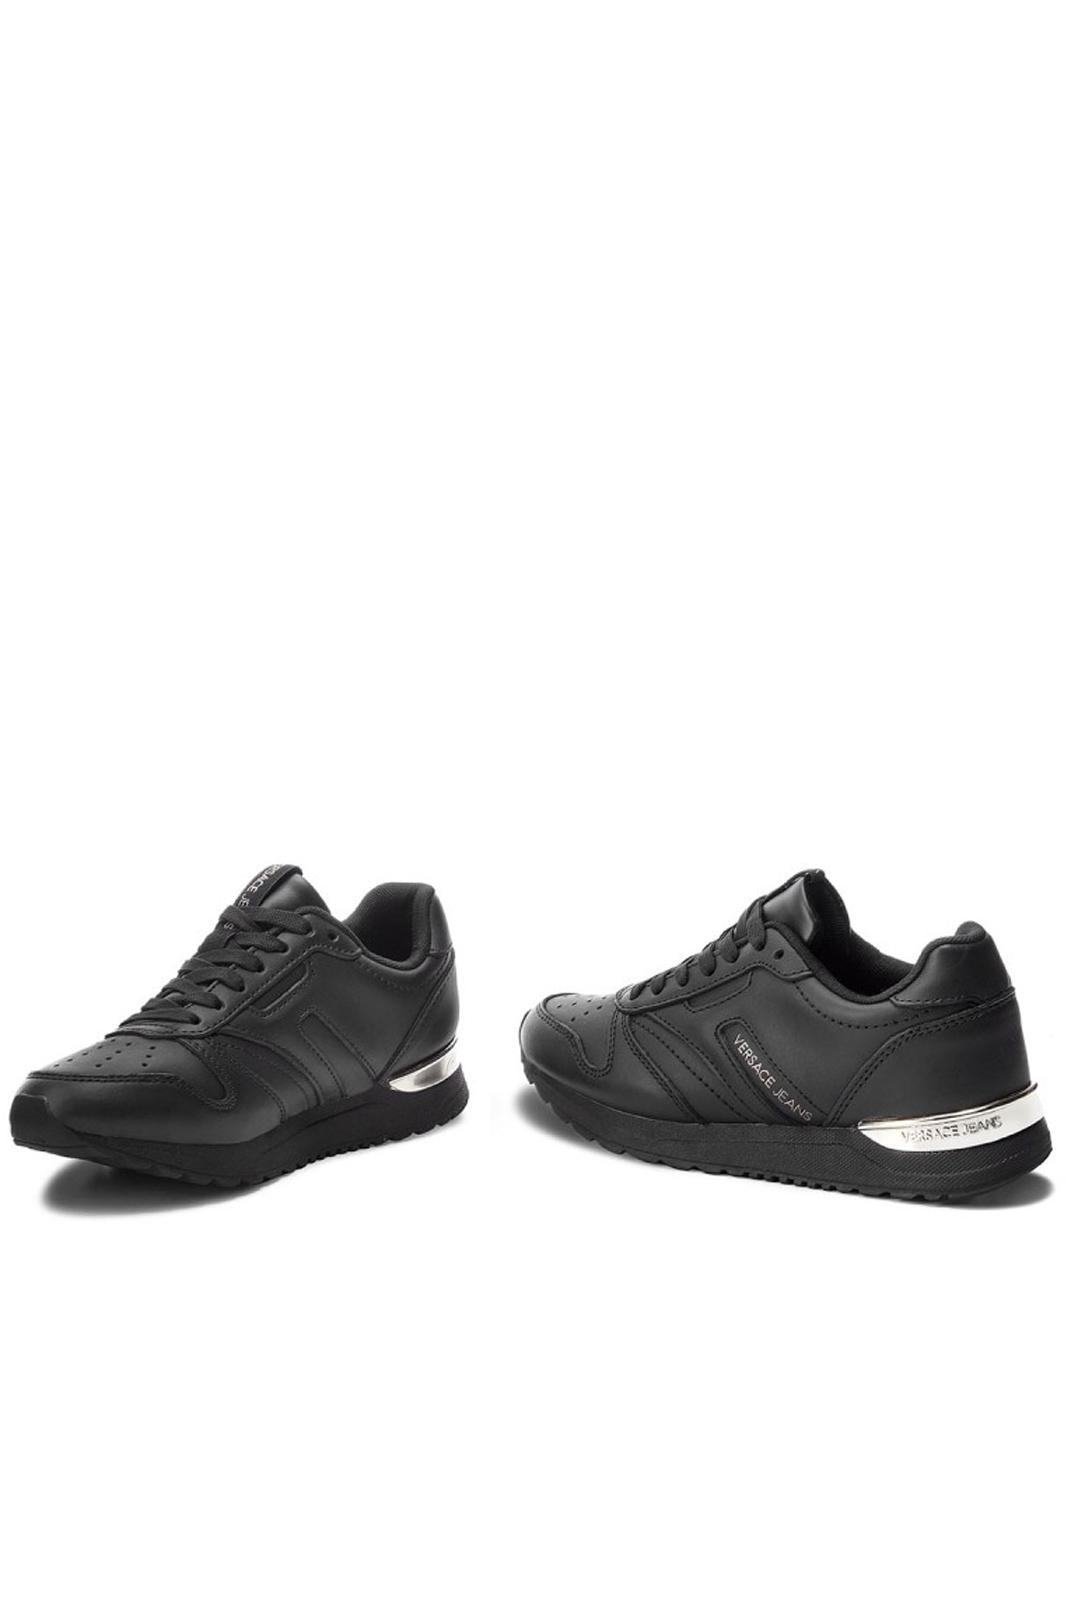 Baskets / Sneakers  Versace Jeans VSBSE3 899 black